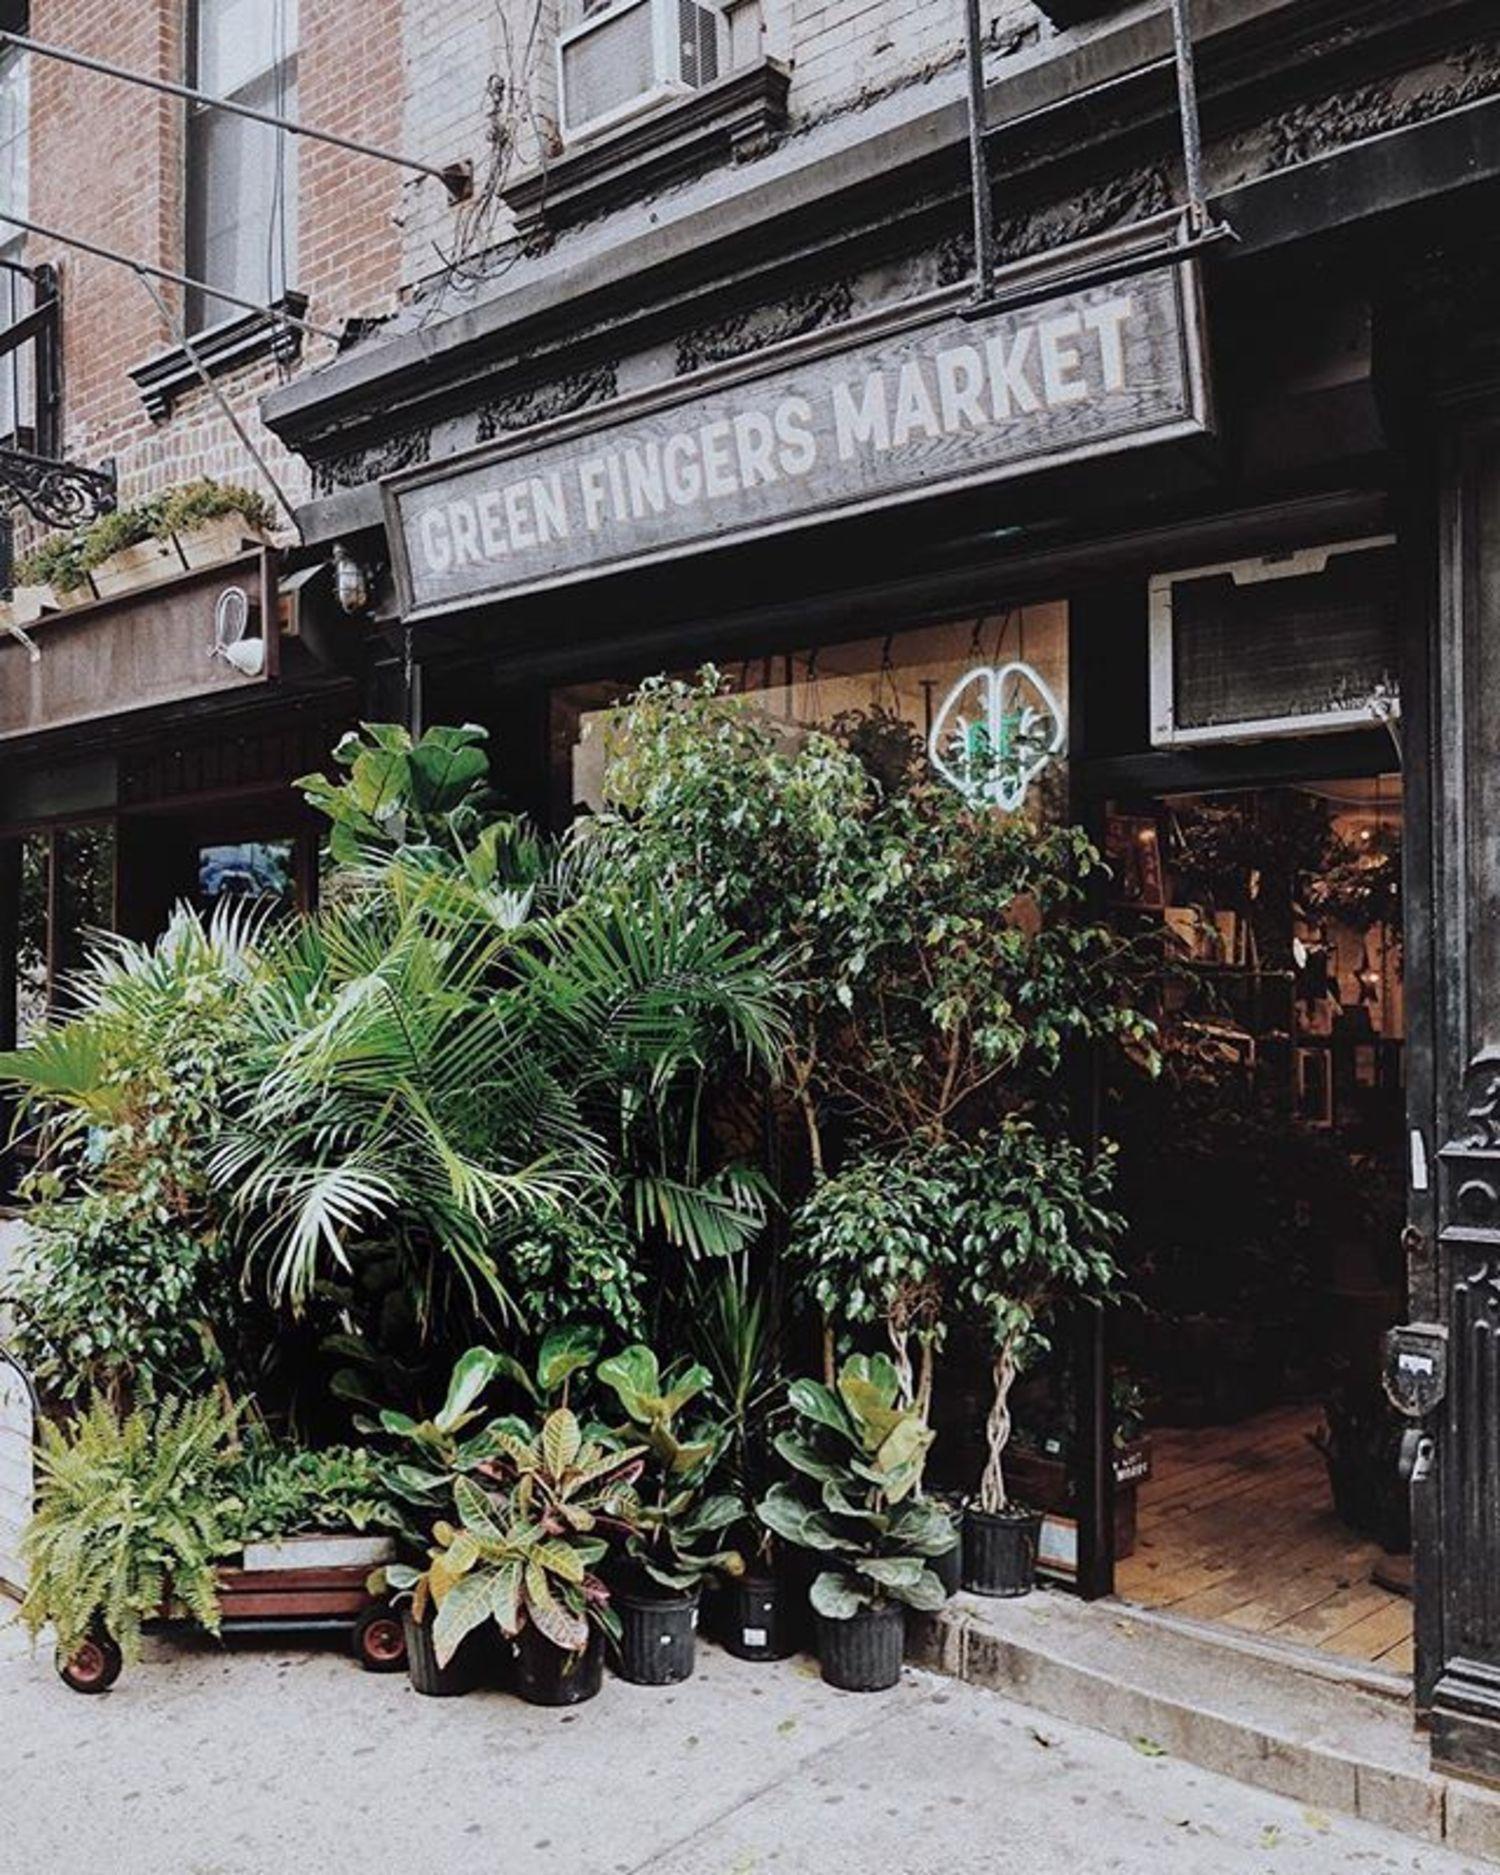 Nolita, Manhattan. Photo via @cainite_ #viewingnyc #newyork #newyorkcity #nyc